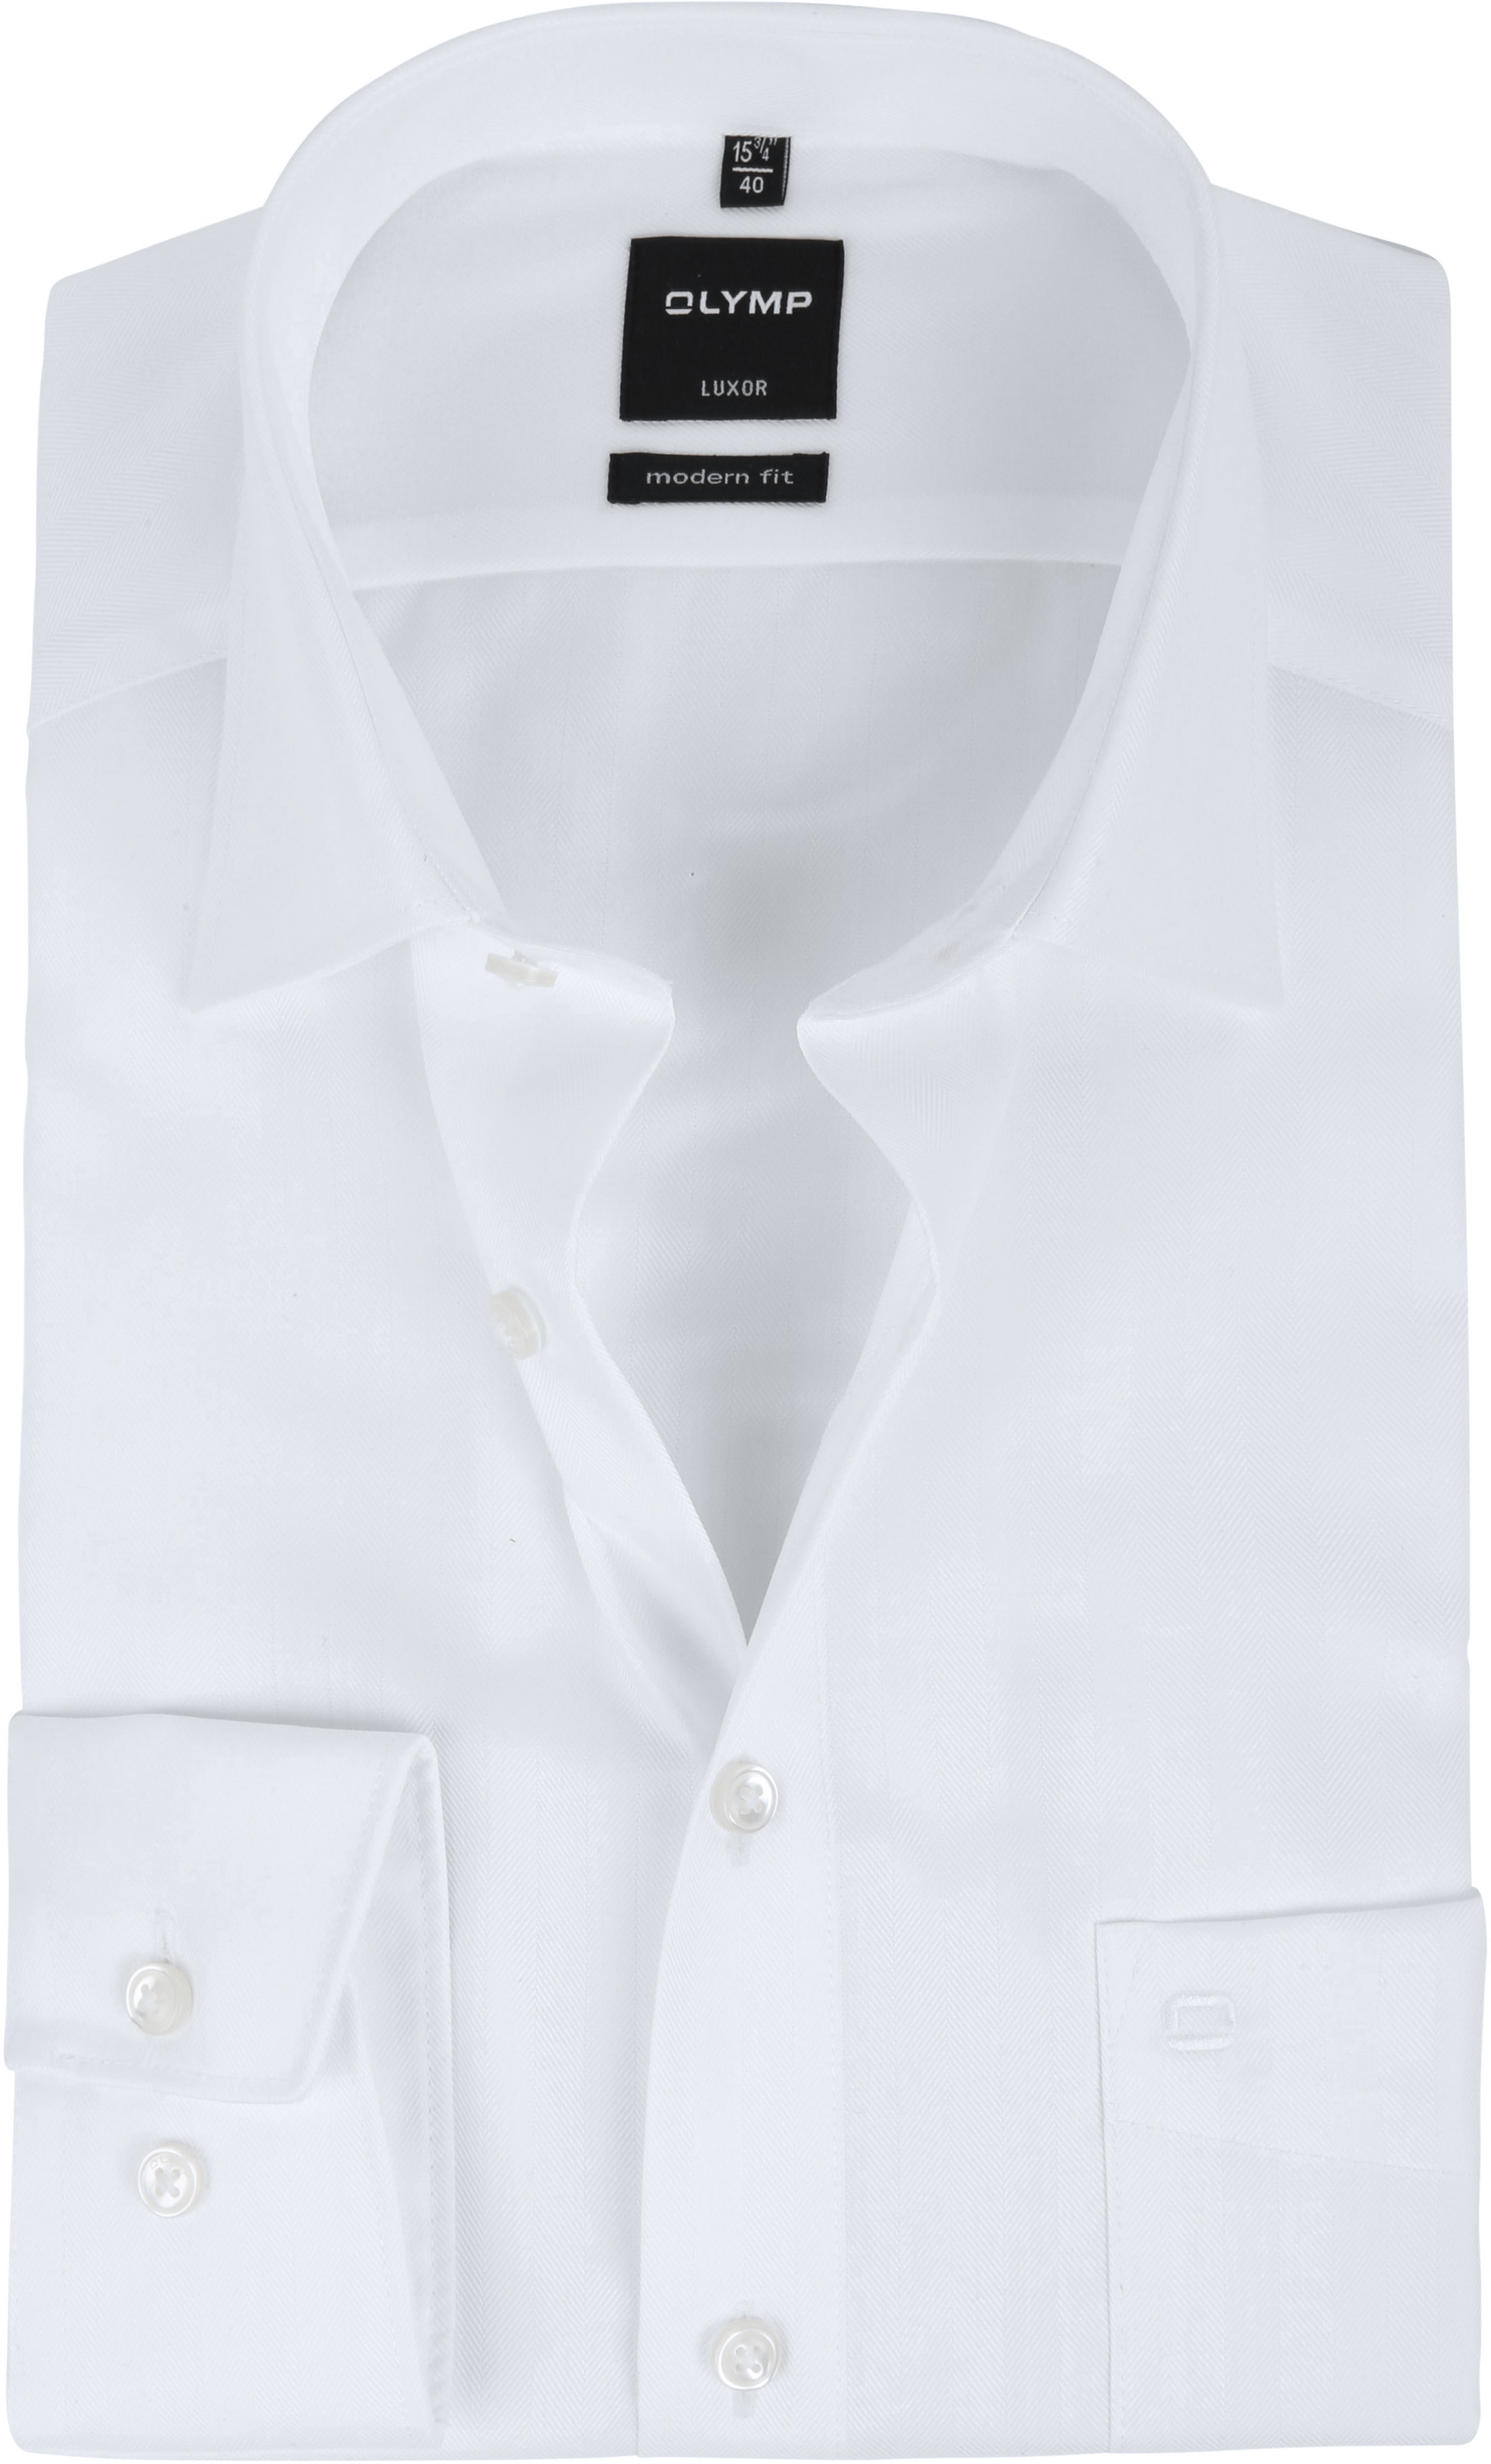 OLYMP Luxor Hemd Slim Line White Herring